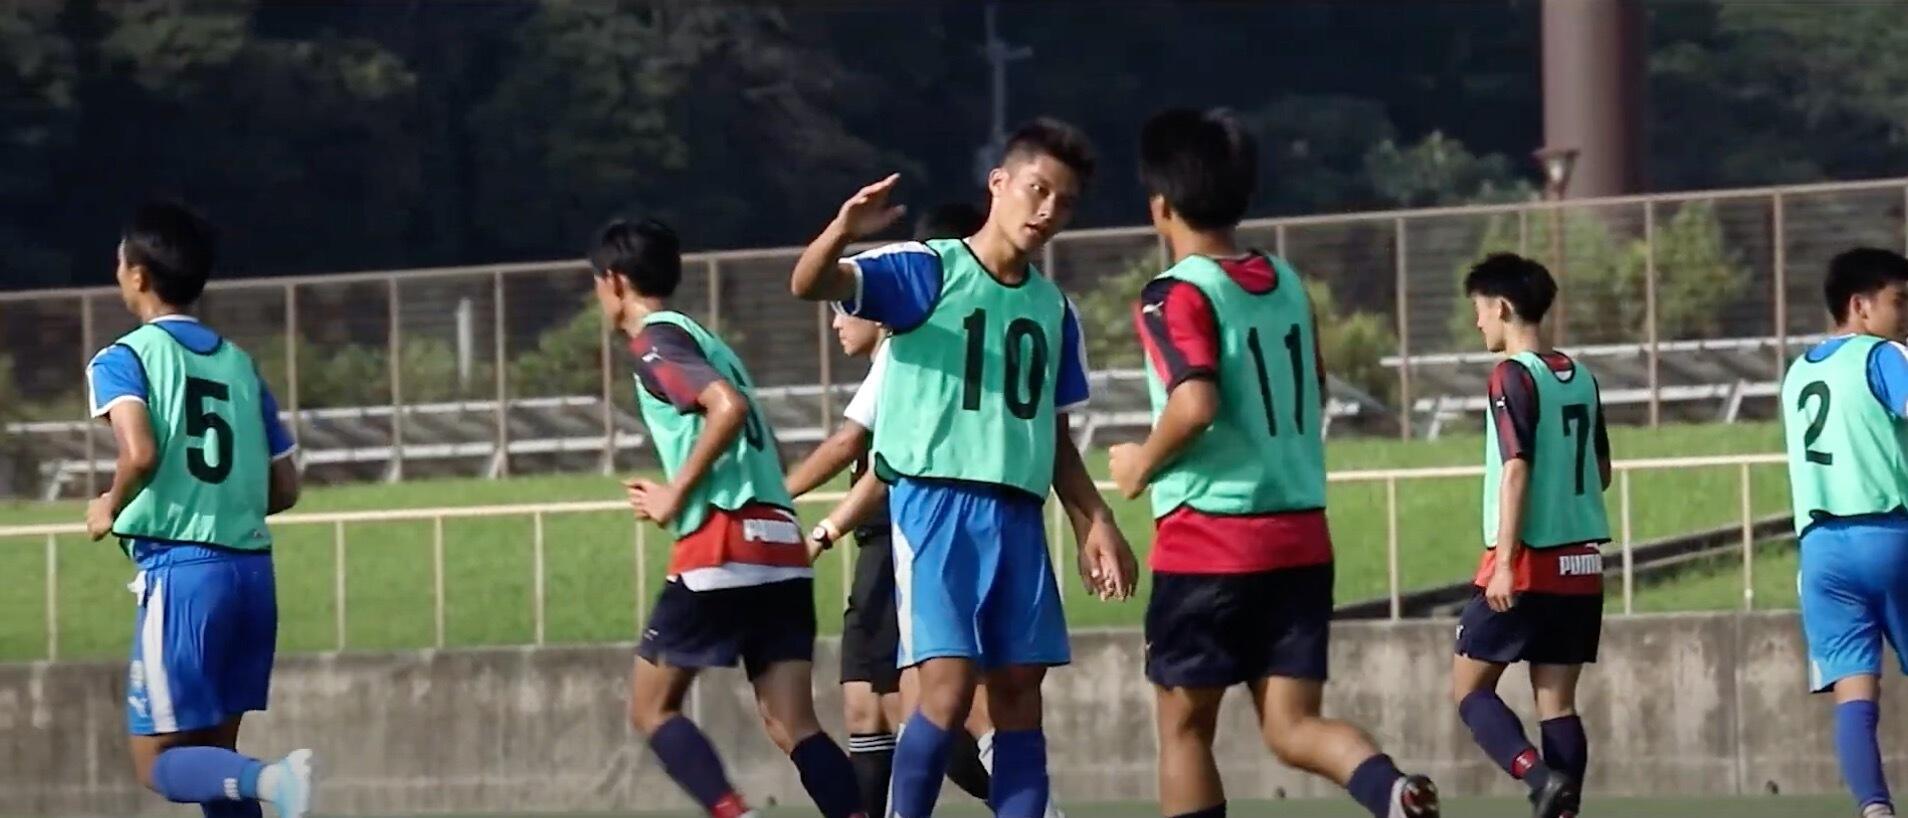 インターハイのない夏 大津高校サッカー部4人の挑戦